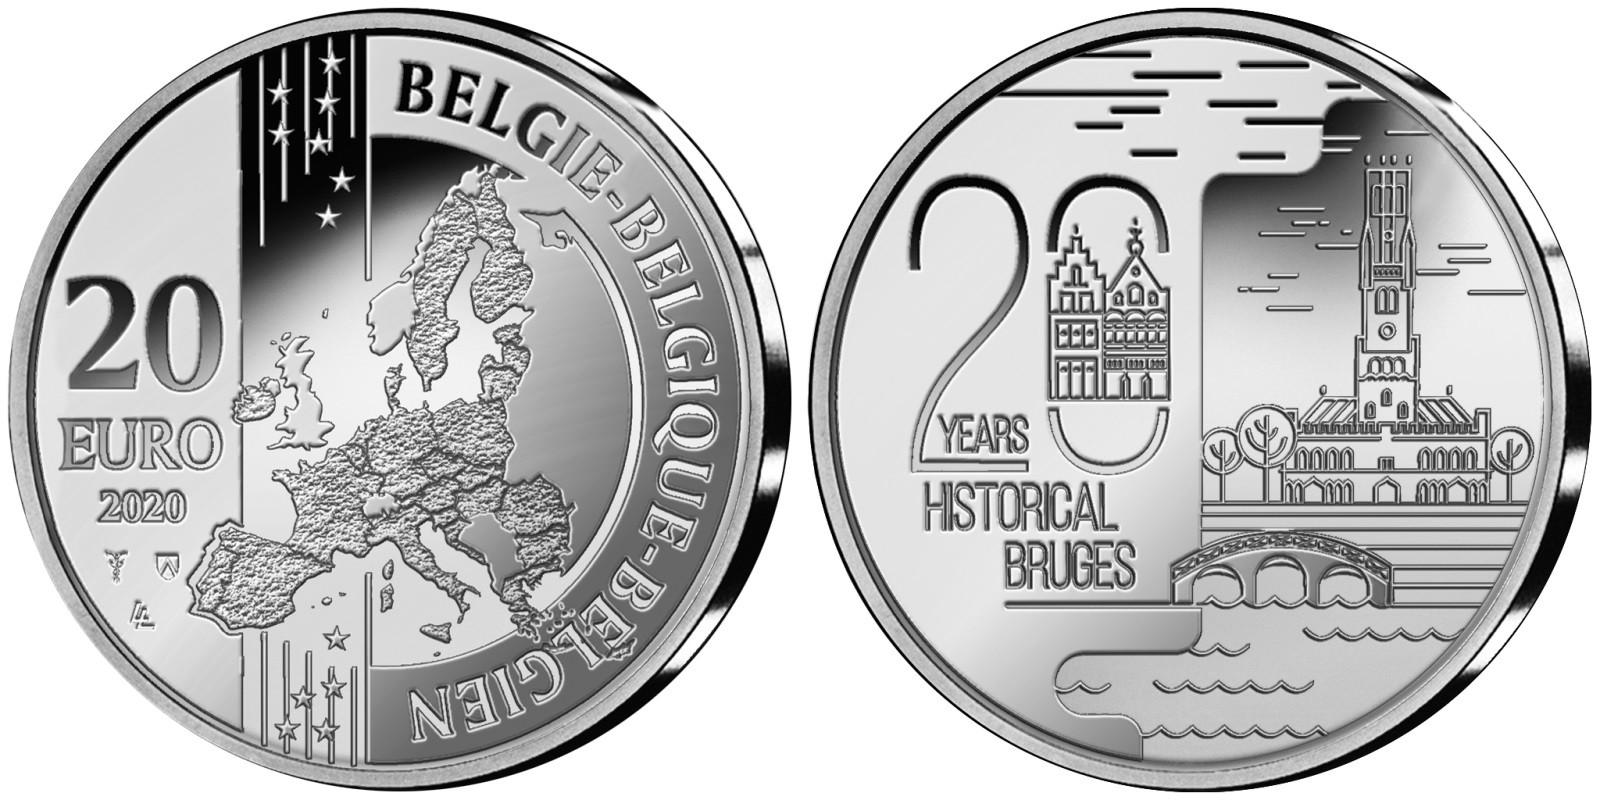 belgique-2020-20-ans-du-centre-historique-de-bruges